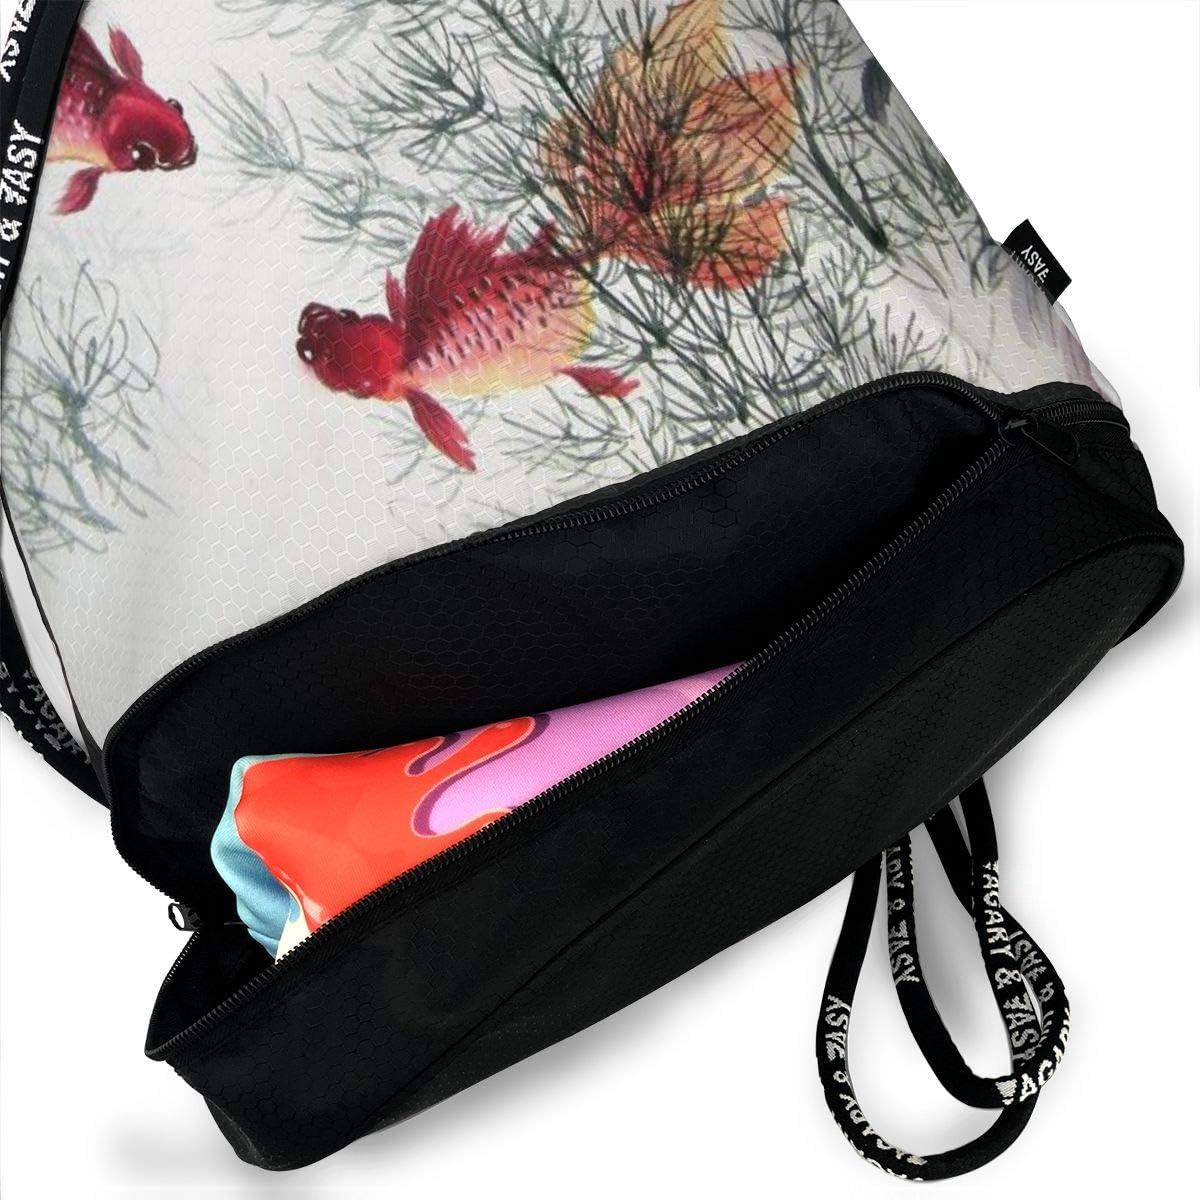 GymSack Drawstring Bag Sackpack Painting Fishes Sport Cinch Pack Simple Bundle Pocke Backpack For Men Women